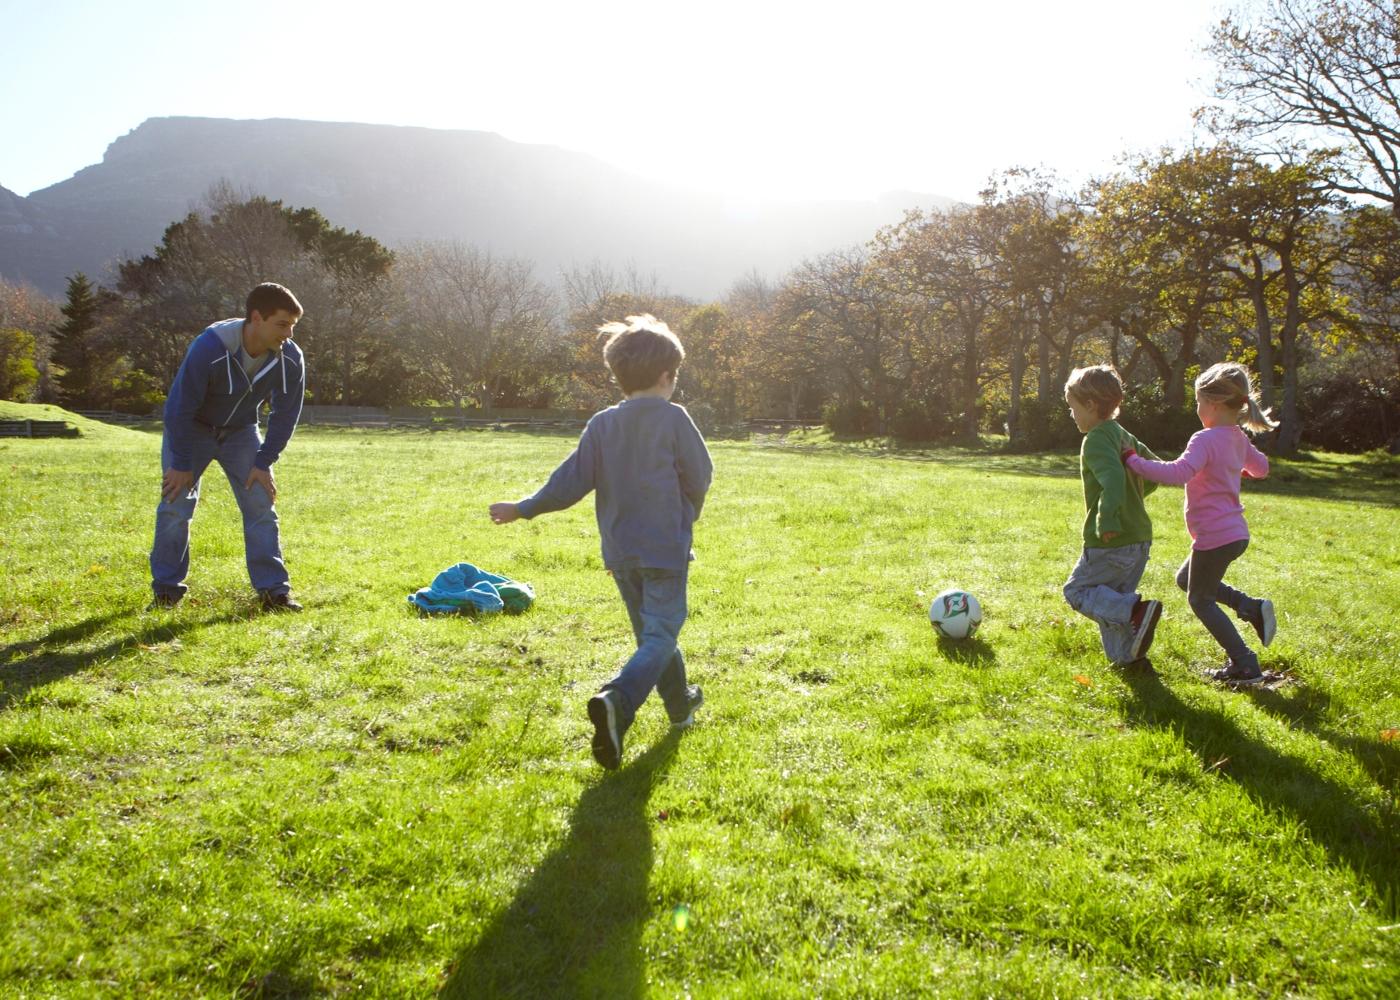 Crianças a jogar futebol no parque